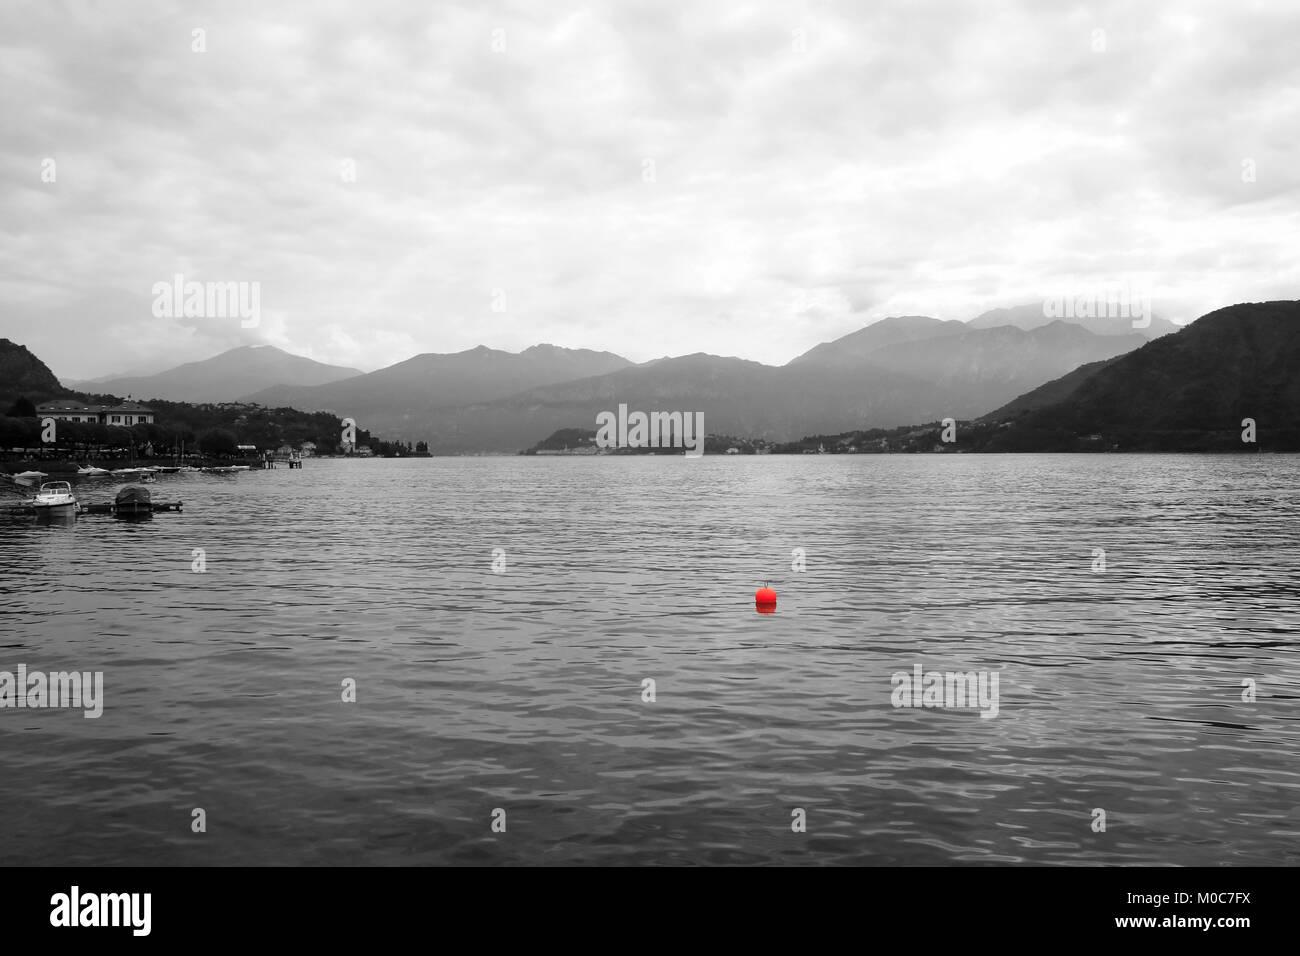 Einsames Segelboot mit einer roten Boje am Comer See in Italien, bei Lenno - Stock Image